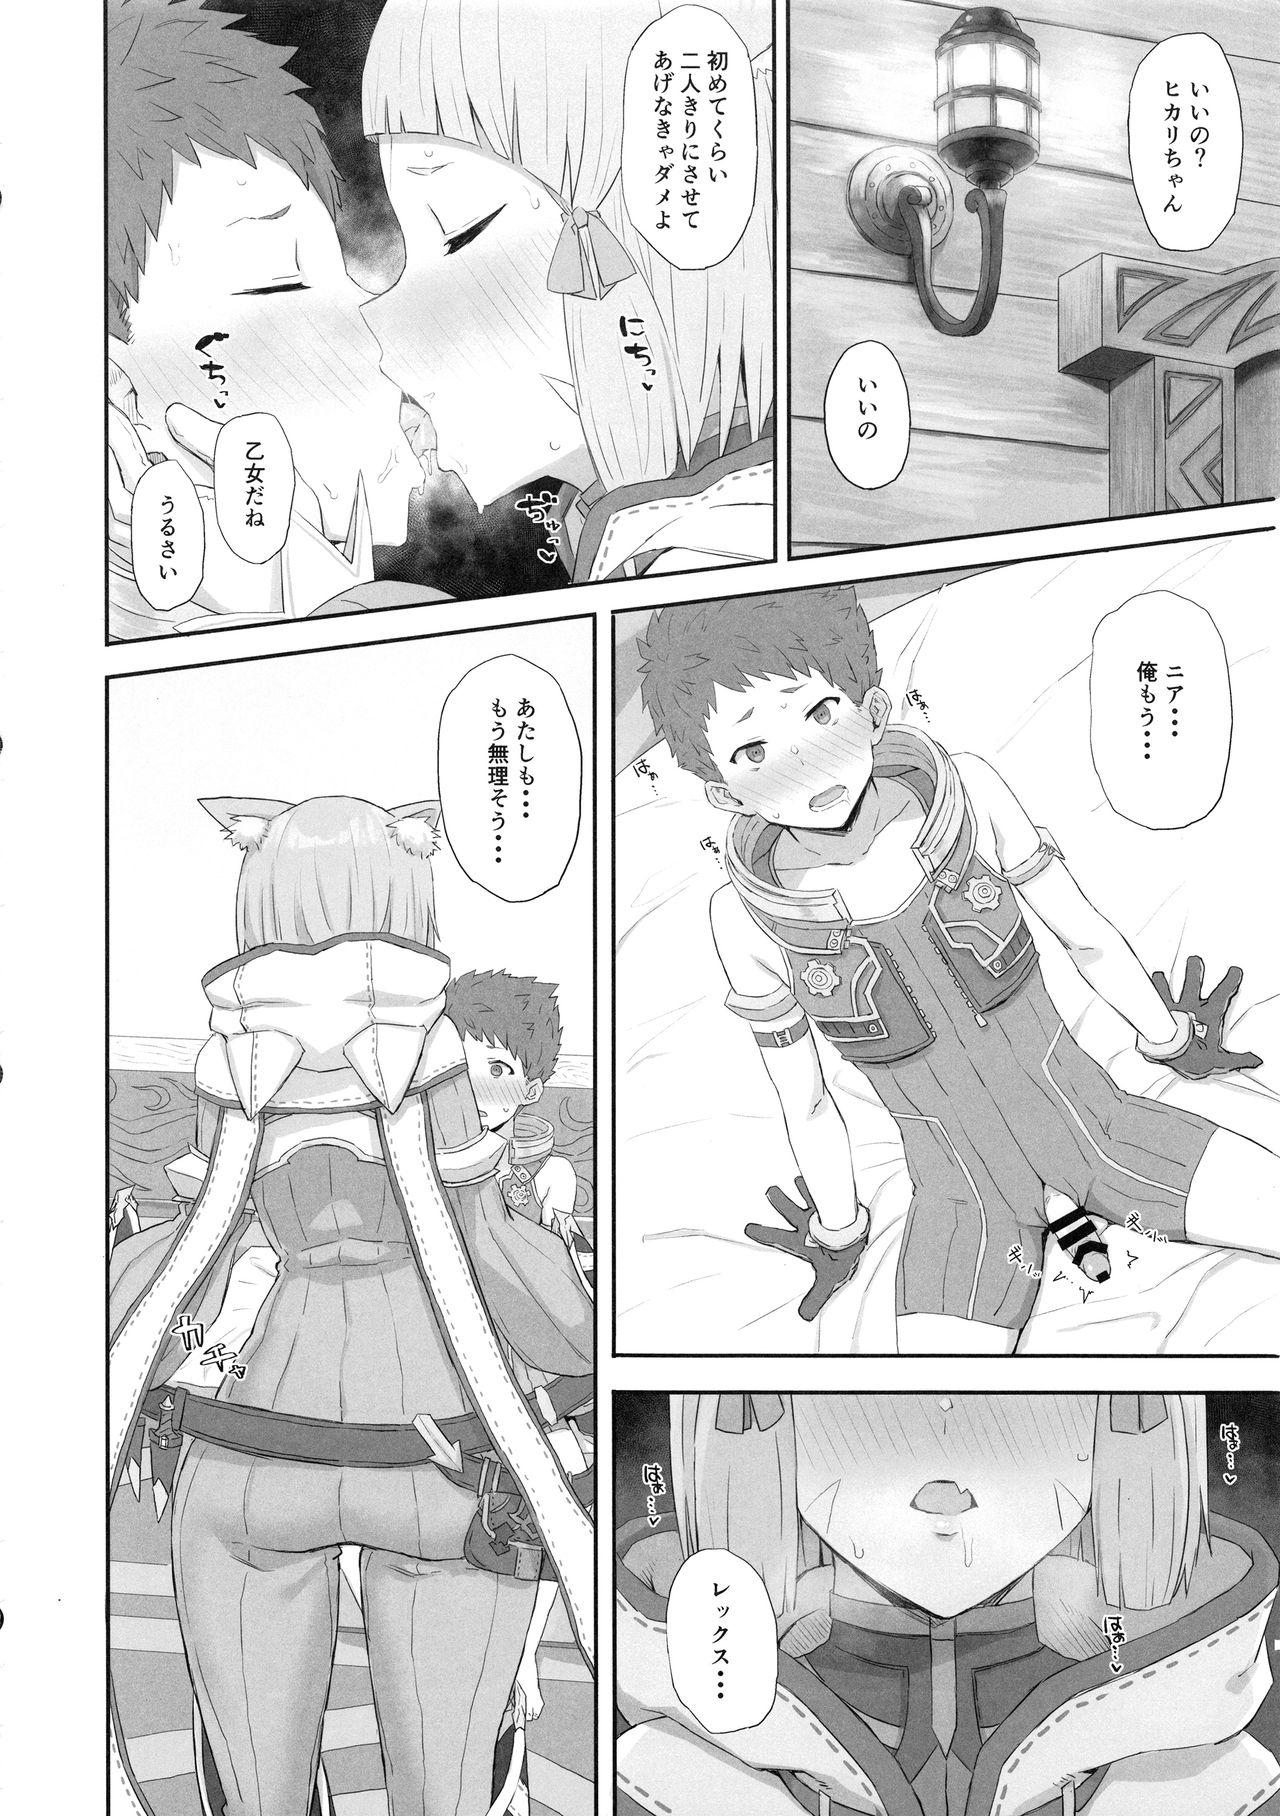 Watashi no Omoi o Anata ni... 4